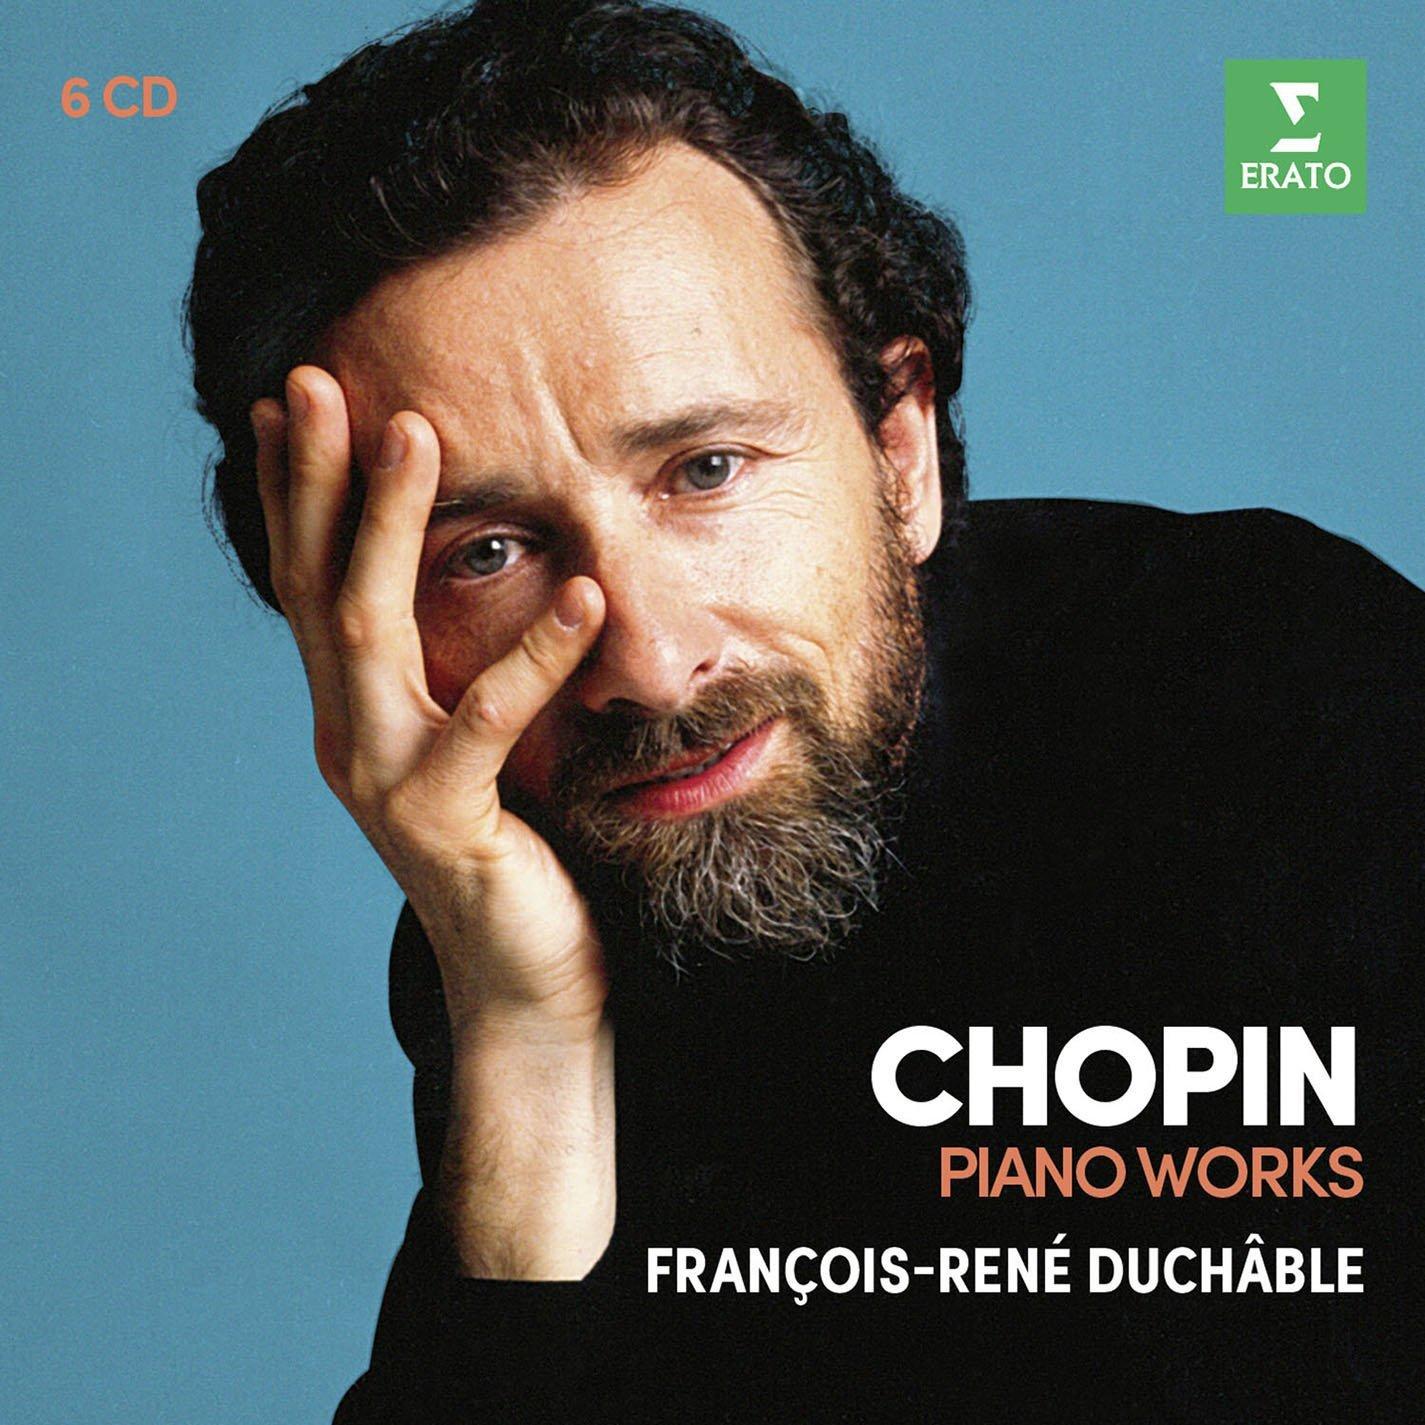 CD : FRANCOIS-RENE DUCHABLE - Chopin: Concertos, Etudes, Sonatas 2 & 3, Polonaises (Boxed Set, 6PC)